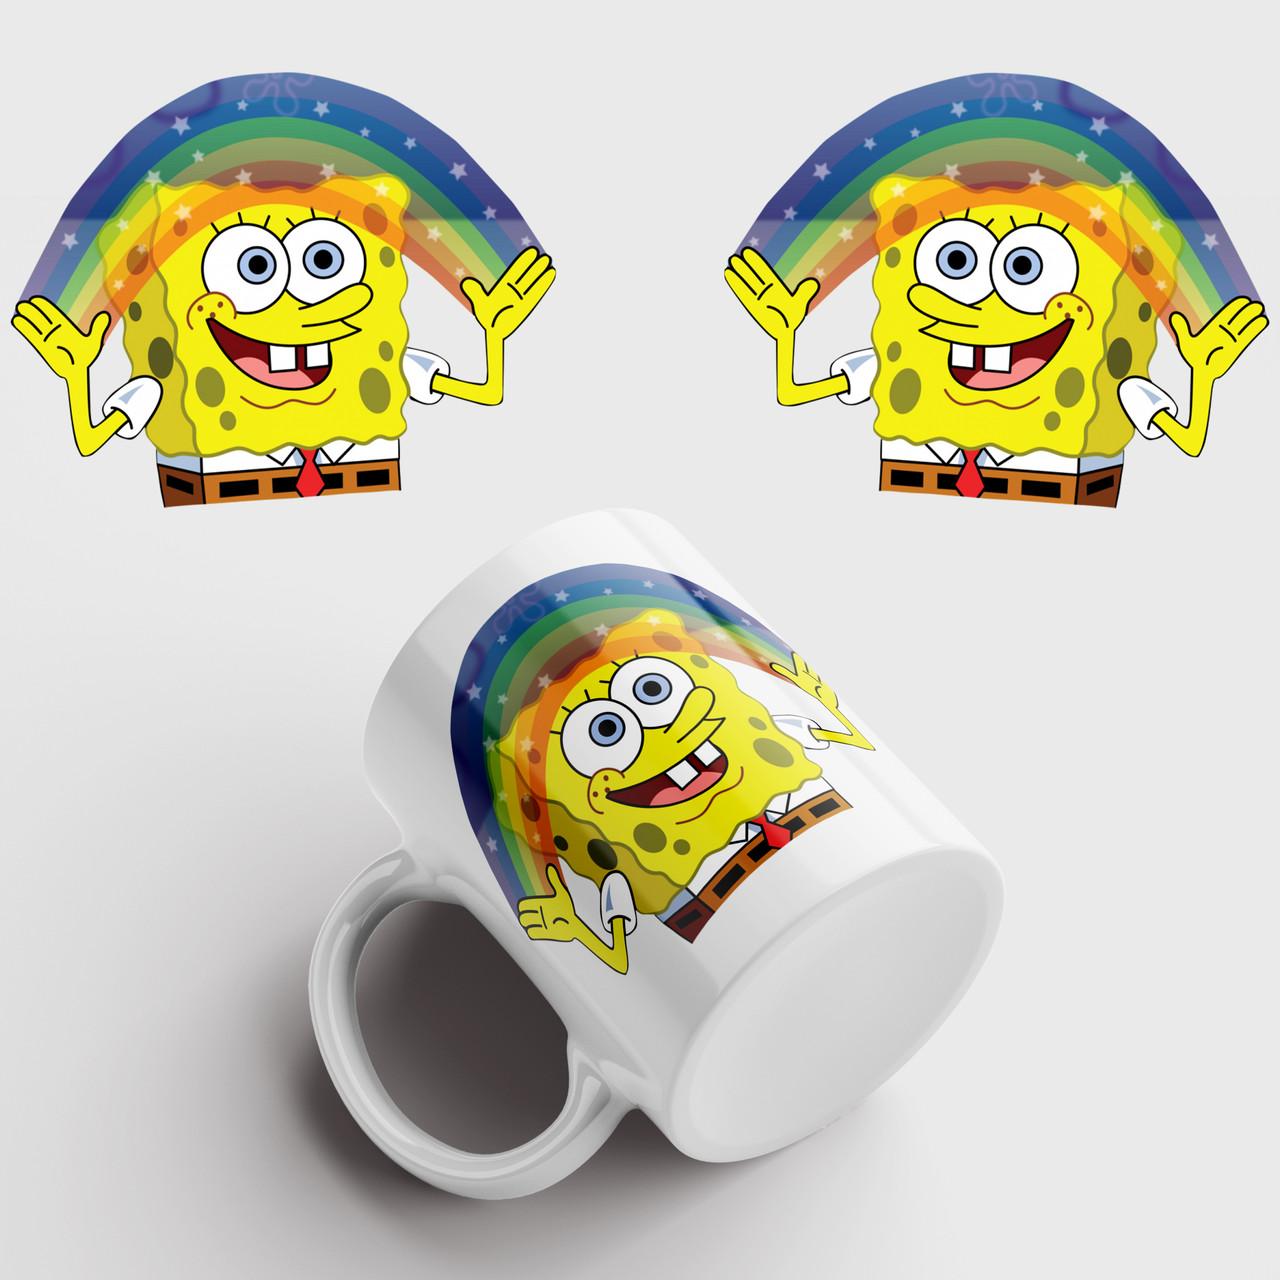 Кружка с принтом Губка Боб. Спанчбоб. Spongebob v8. Чашка с фото